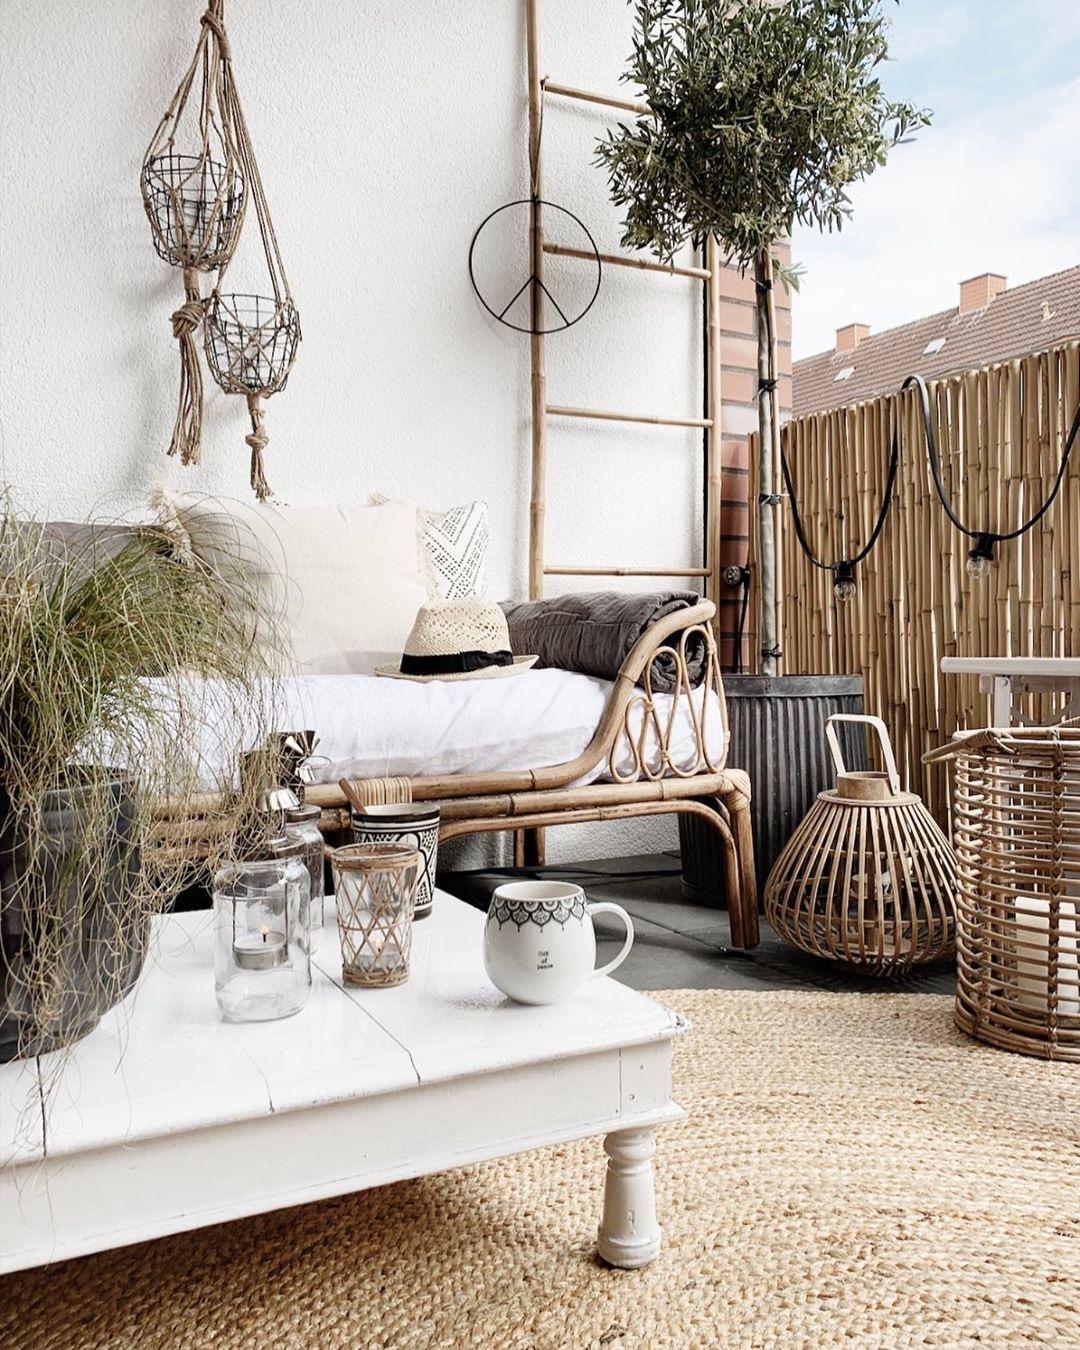 Mit unseren einfachen Tipps könnt ihr auch zu Hause entspannenden Urlaub machen.